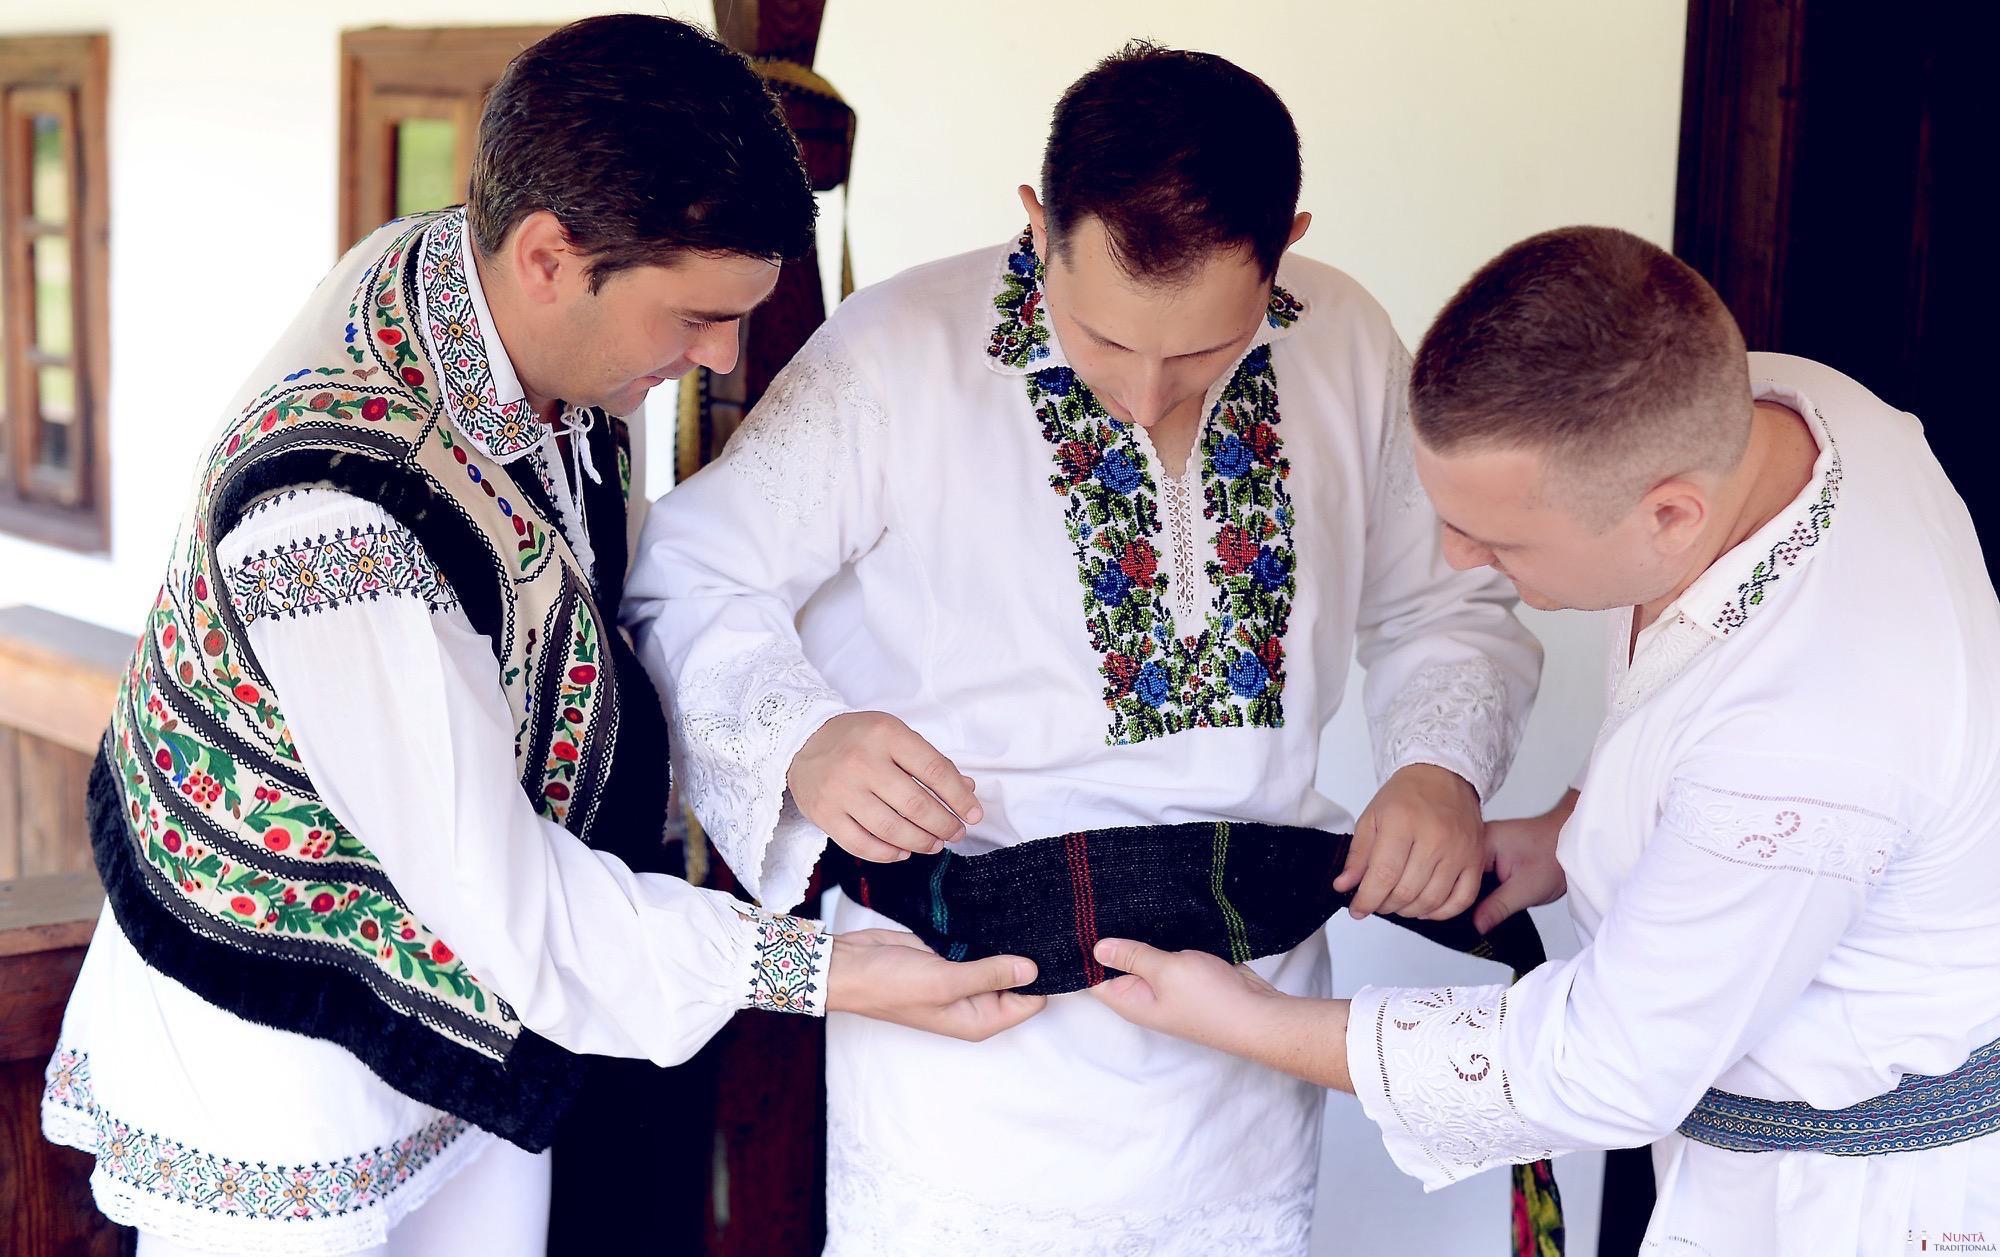 Povești Nunți Tradiționale - Iulia și Andrei. Nuntă tradițională în Bucovina. 30